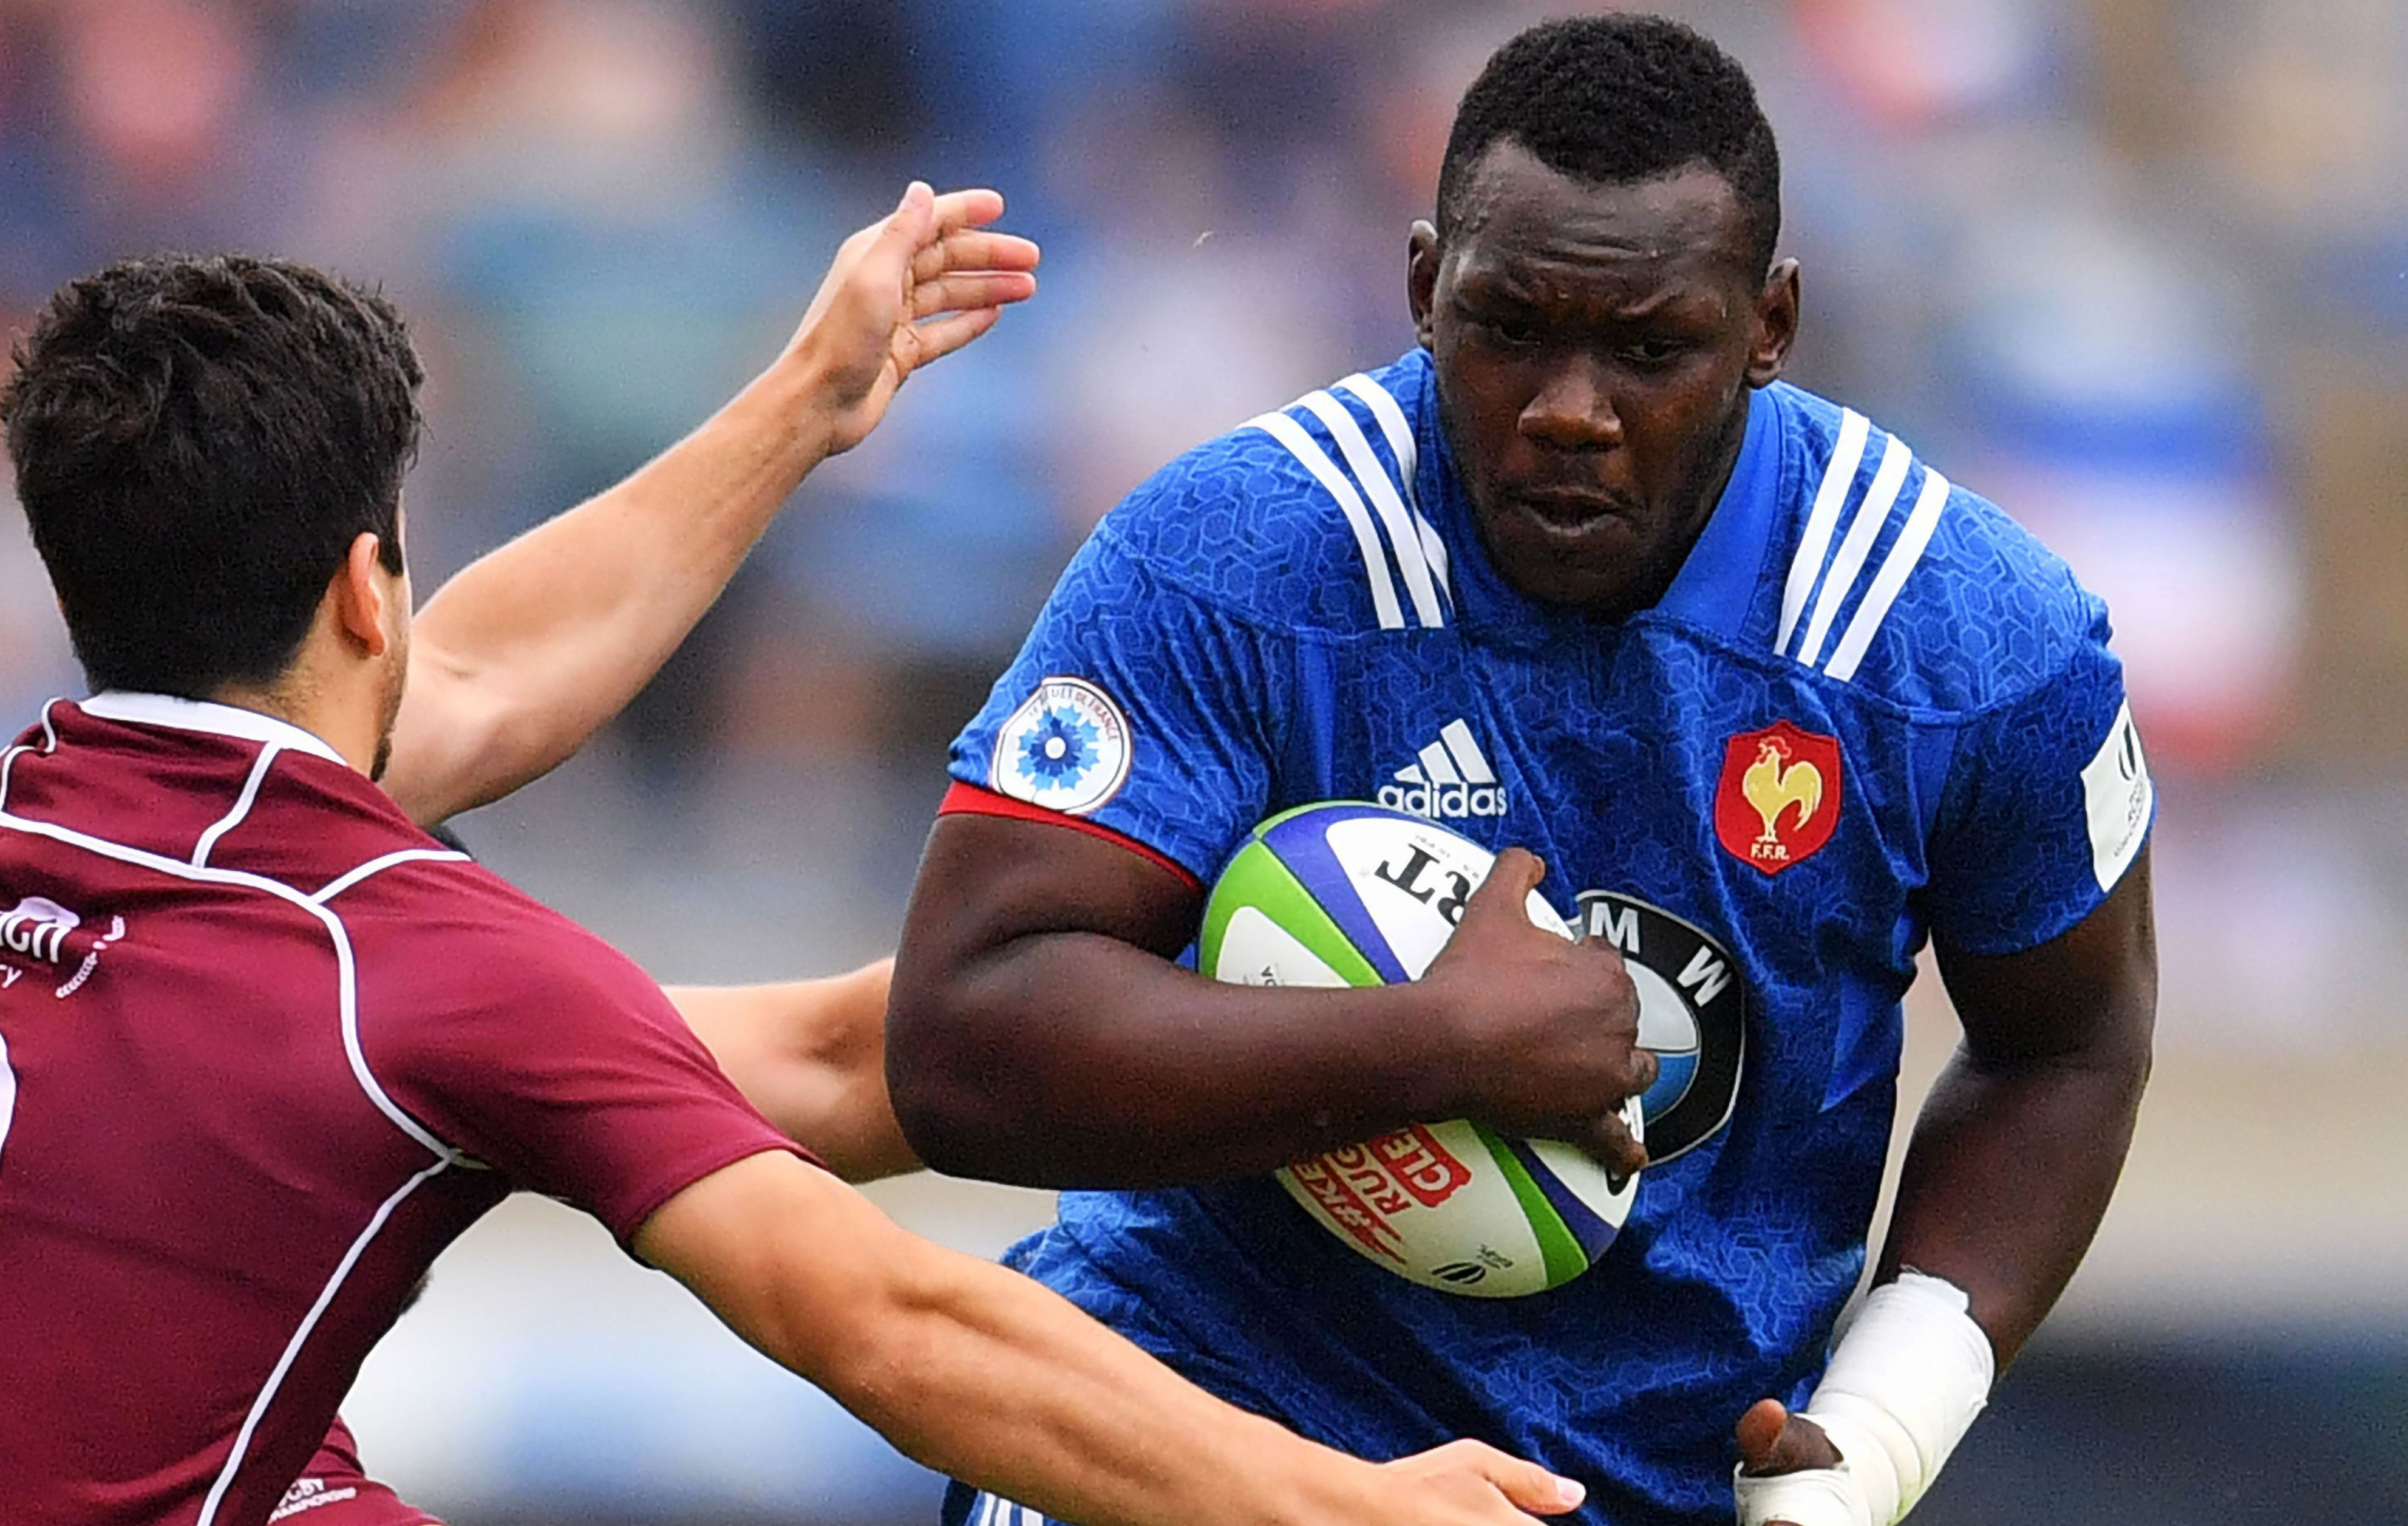 Coupe du monde de rugby actu et r sultats actualit 4 - Resultats coupe du monde rugby ...